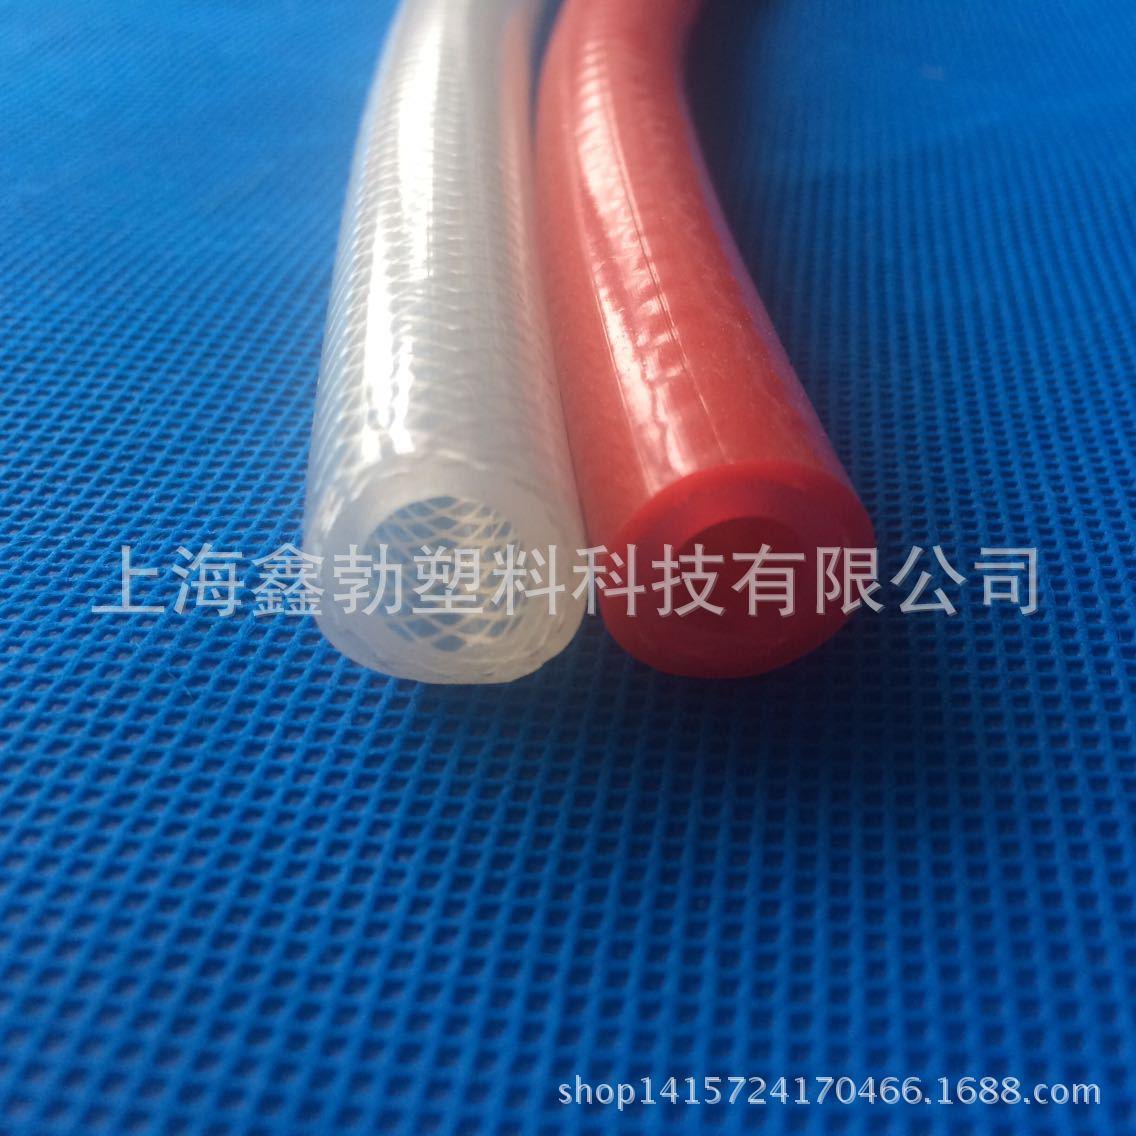 食品级硅胶编织管 耐高温 耐老化 医用级硅胶编织管